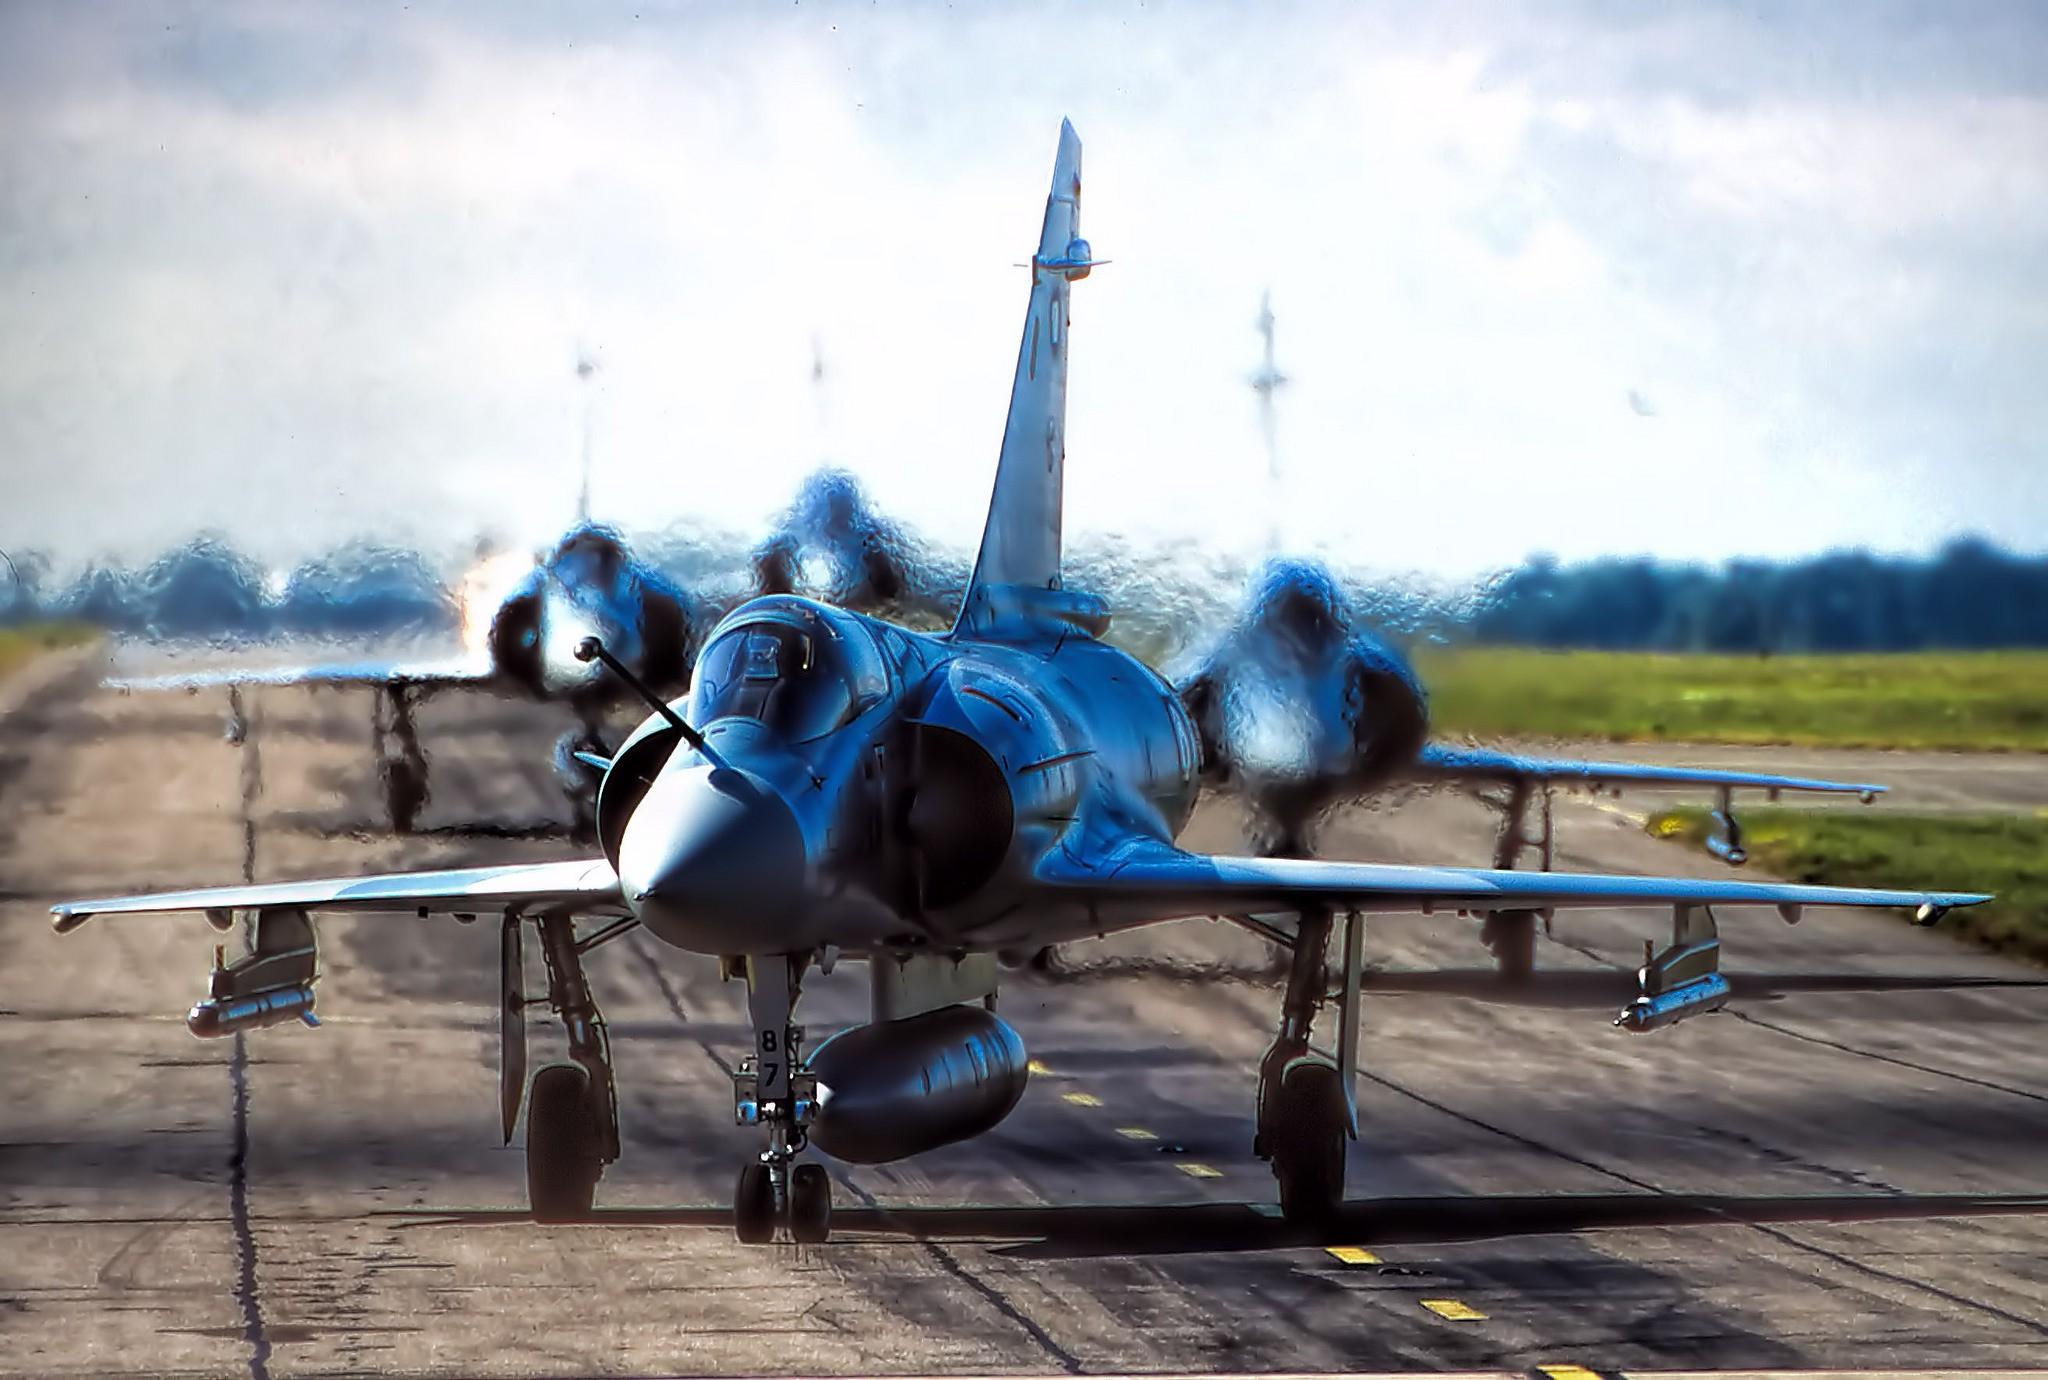 Fondos De Pantalla Vehículo Hélice Aeronave Militar